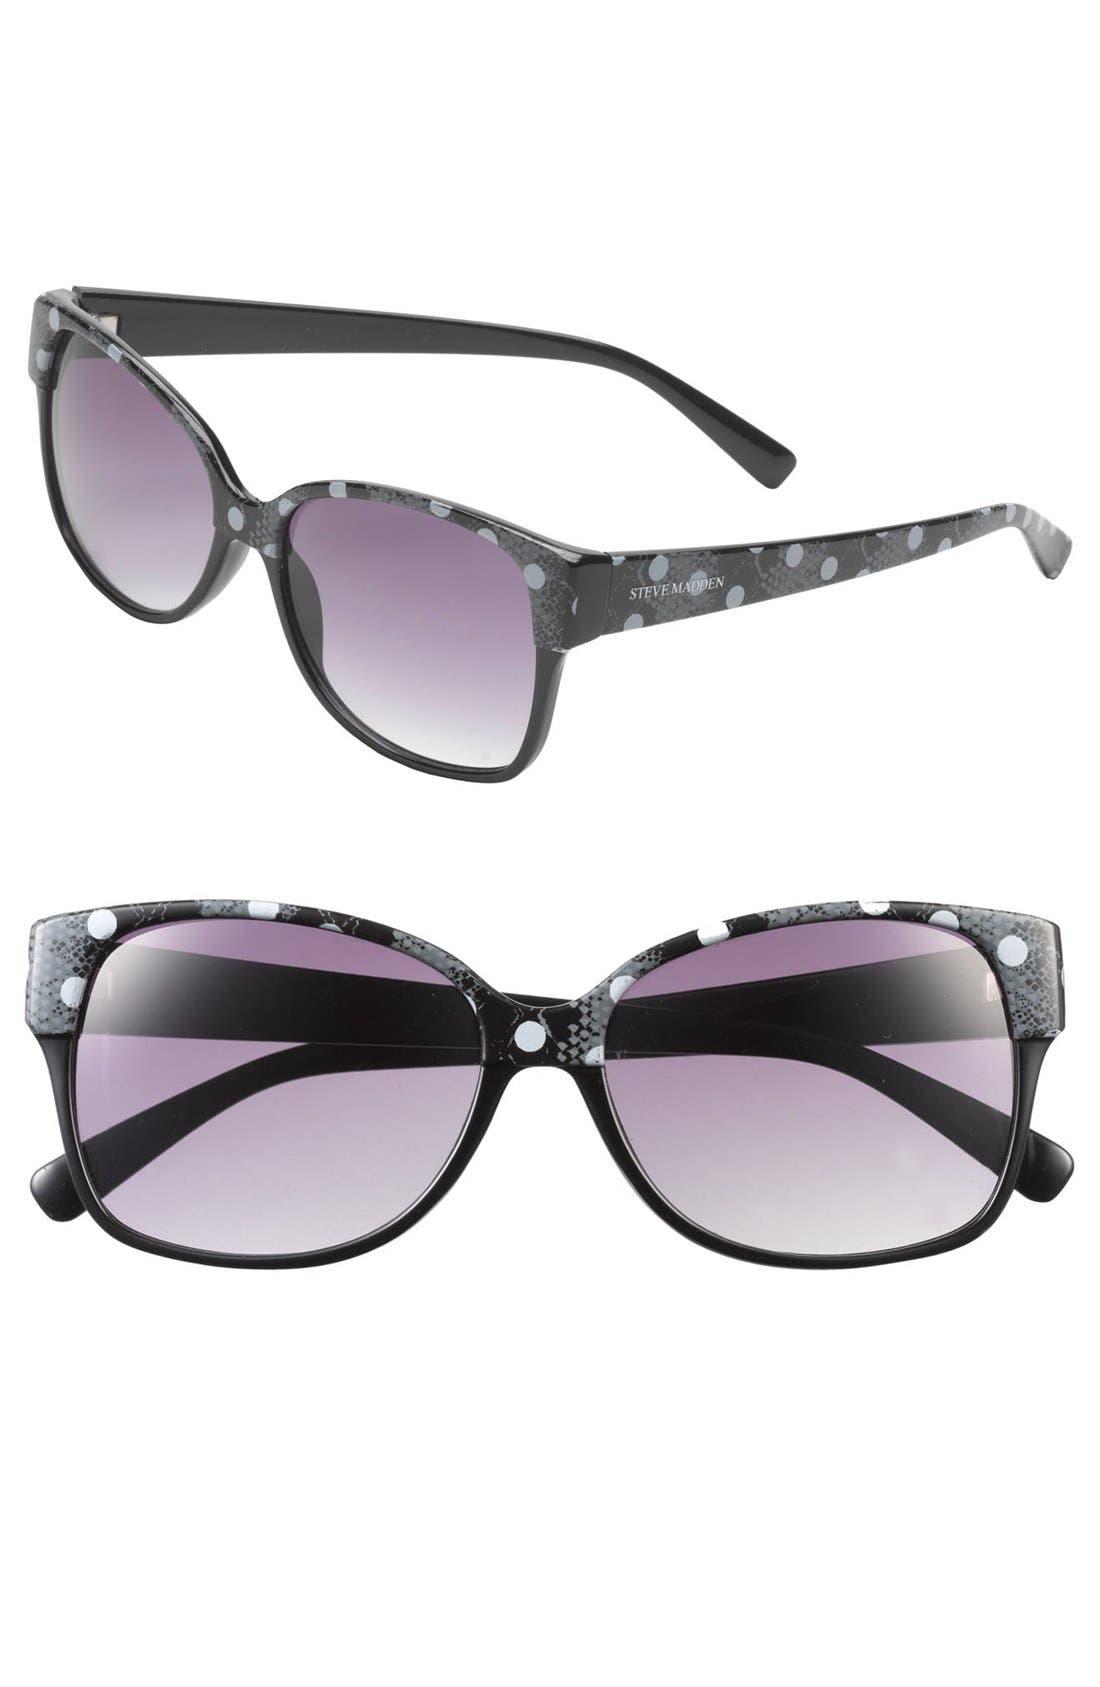 Alternate Image 1 Selected - Steve Madden Retro Print Sunglasses